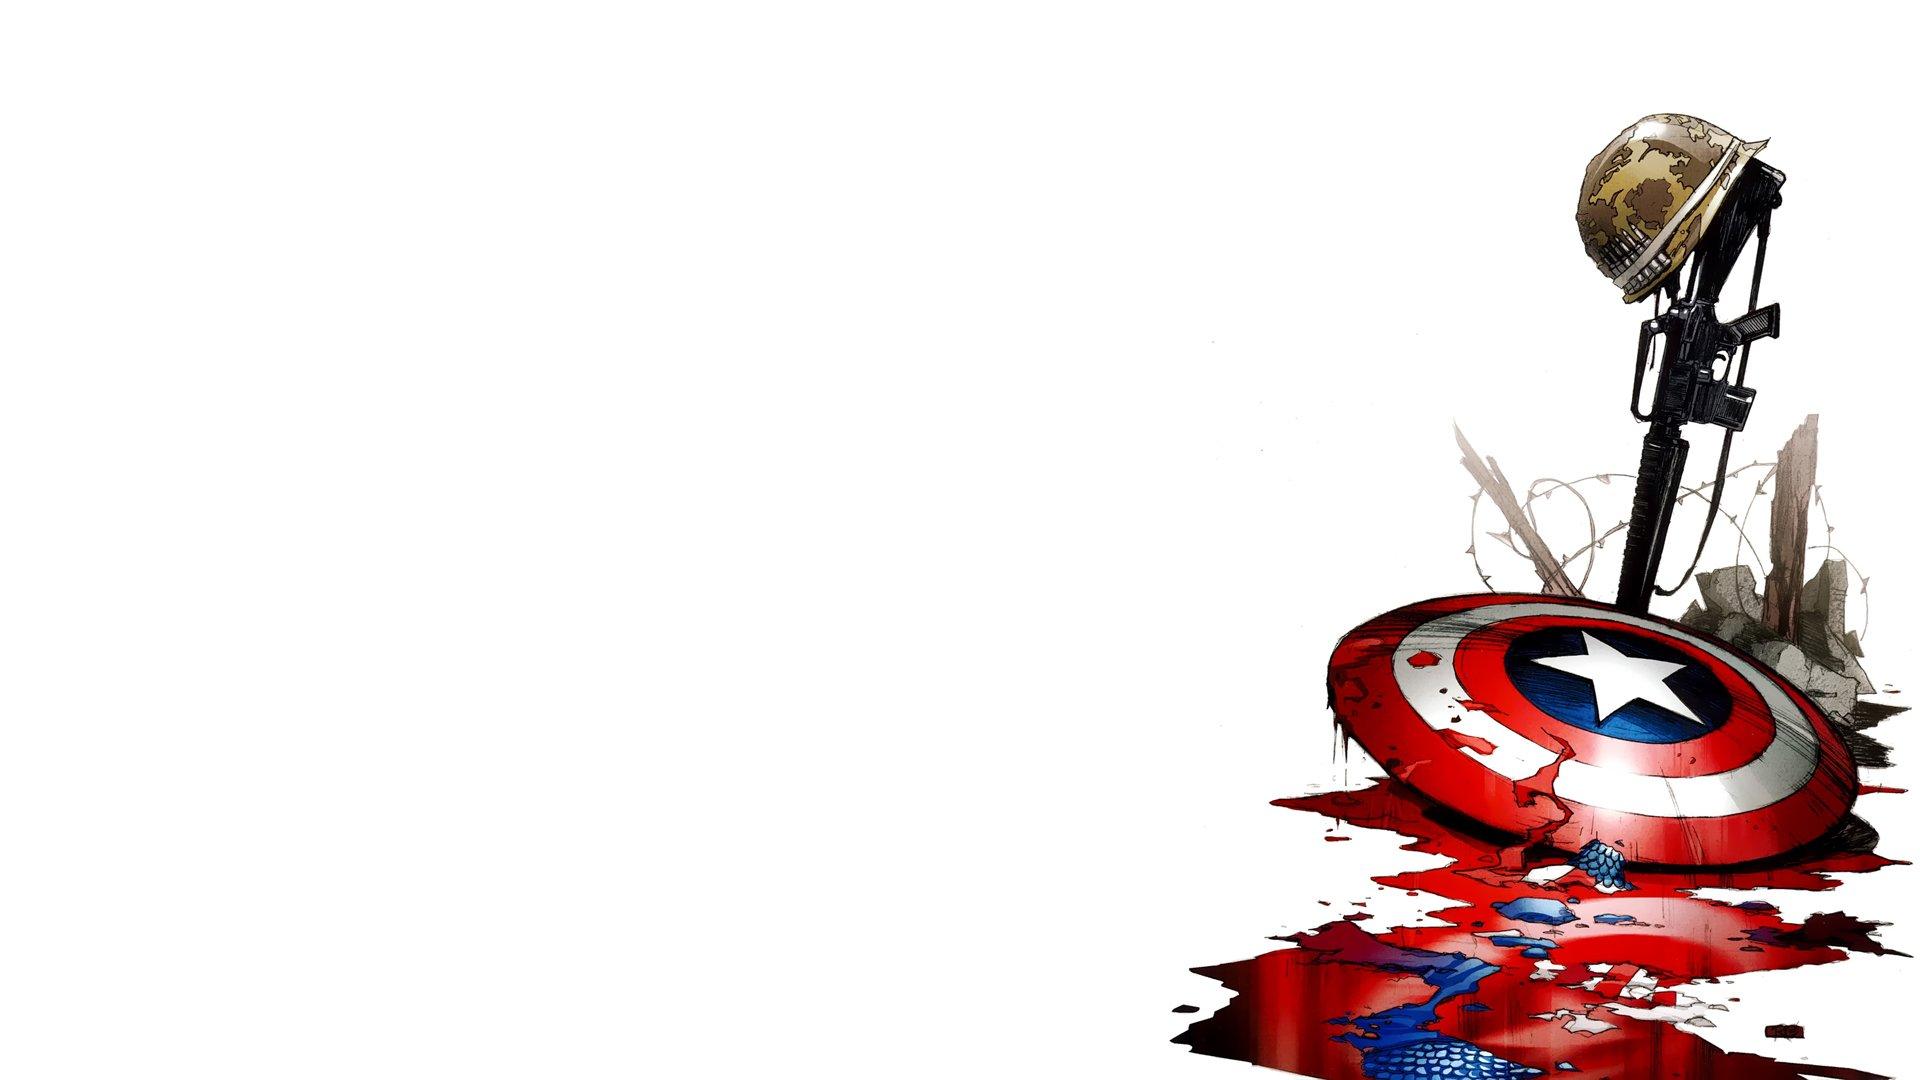 Captain America Marvel Comics wallpaper 1920x1080 275082 1920x1080